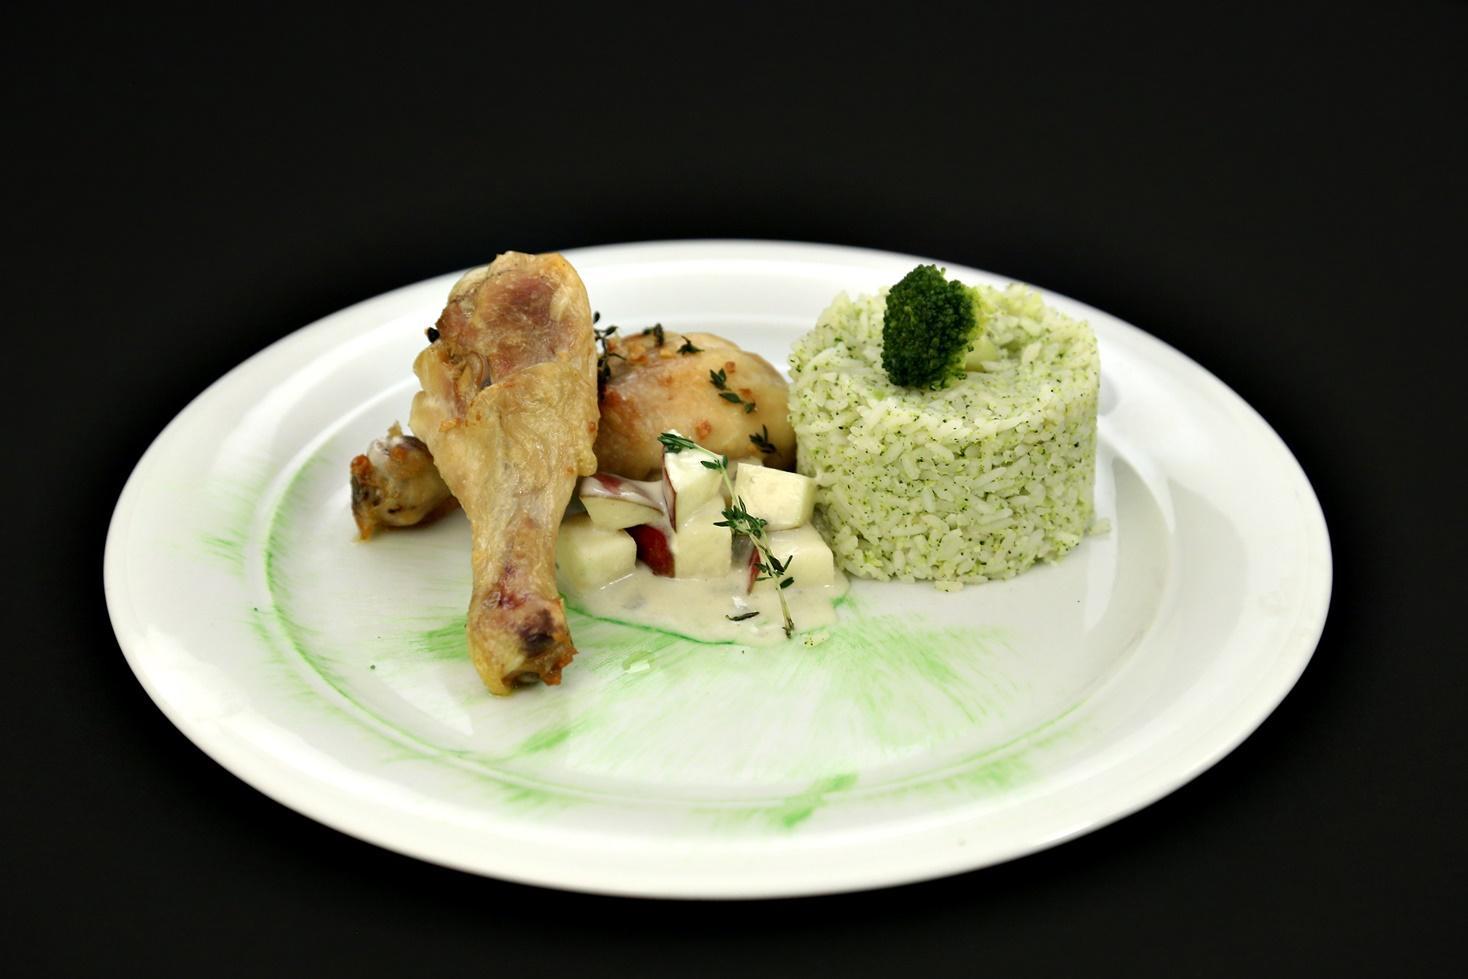 Pulpe de pui cu sos de brânză roquefort și garnitură de orez cu brocooli sotat în unt